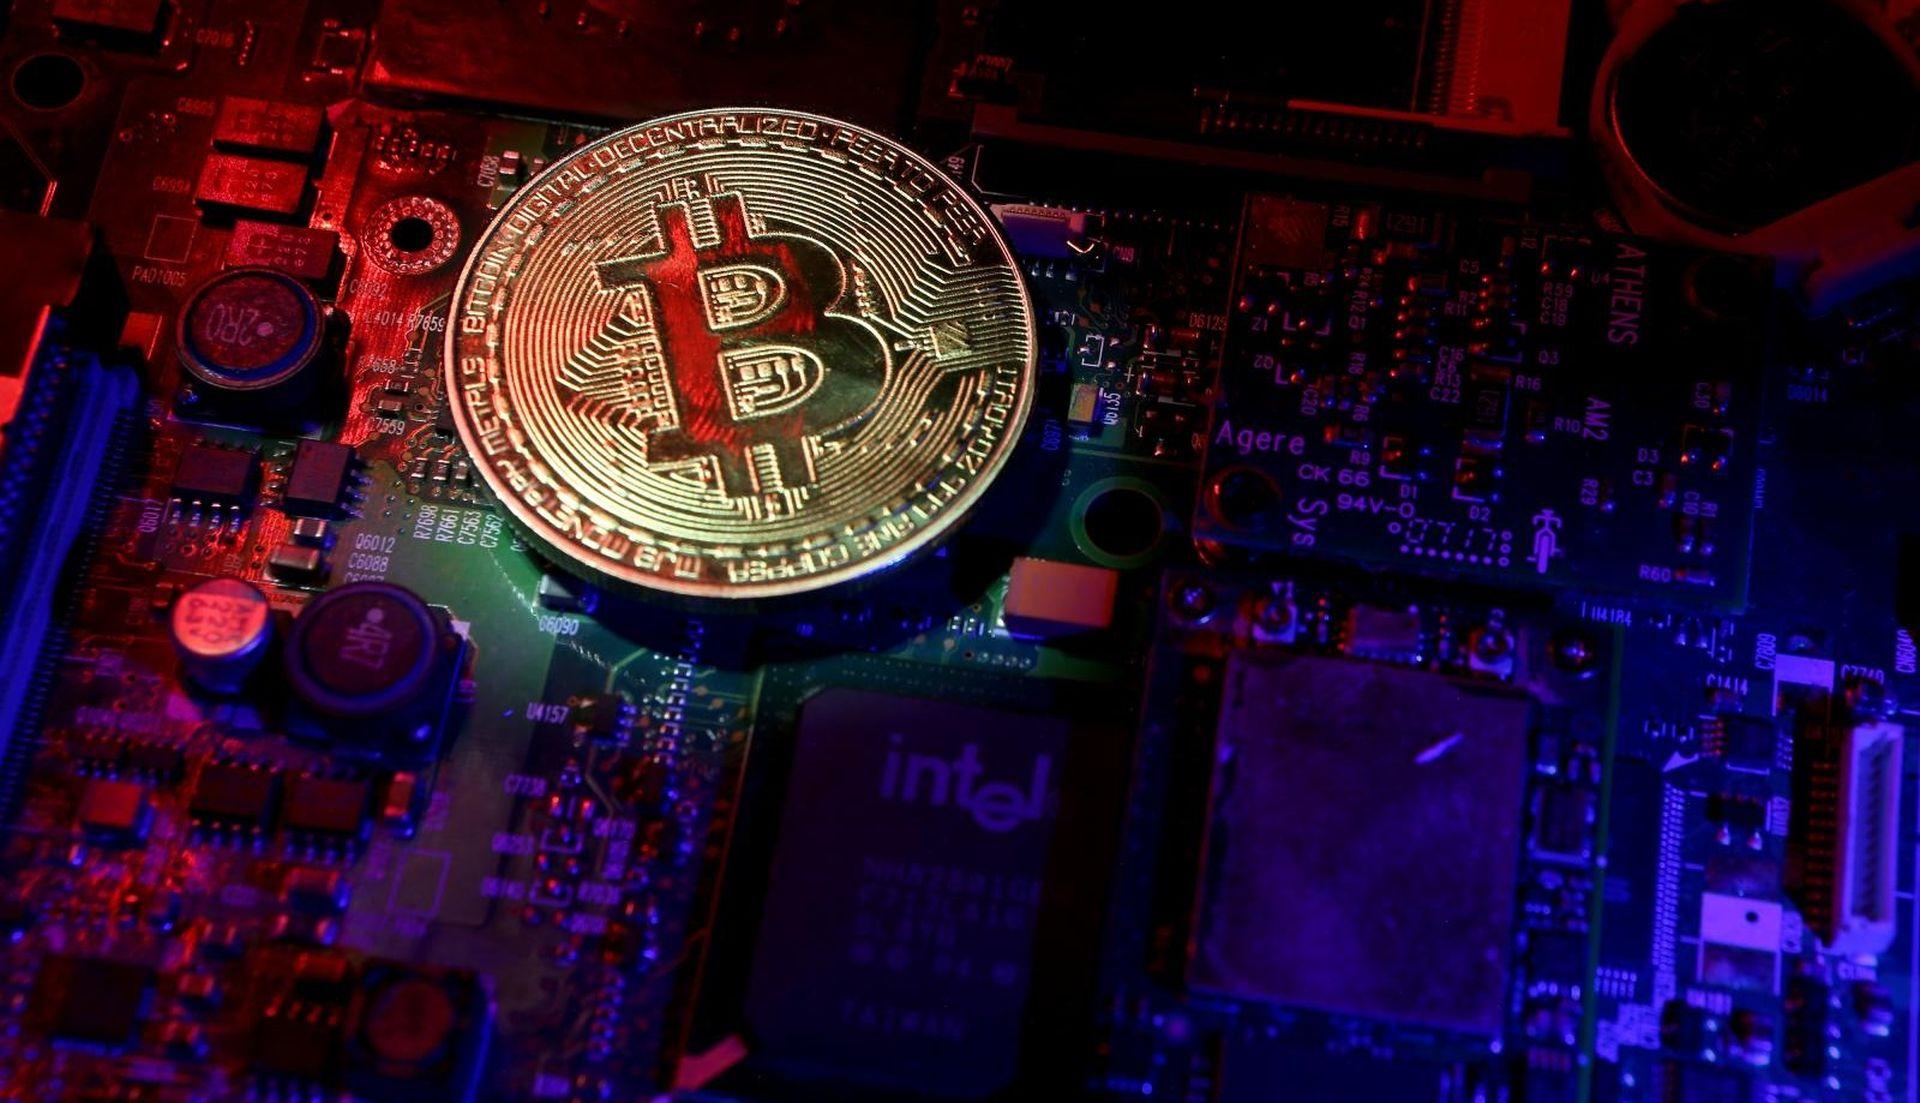 Deset godina bitcoina, financijskog fenomena našeg doba